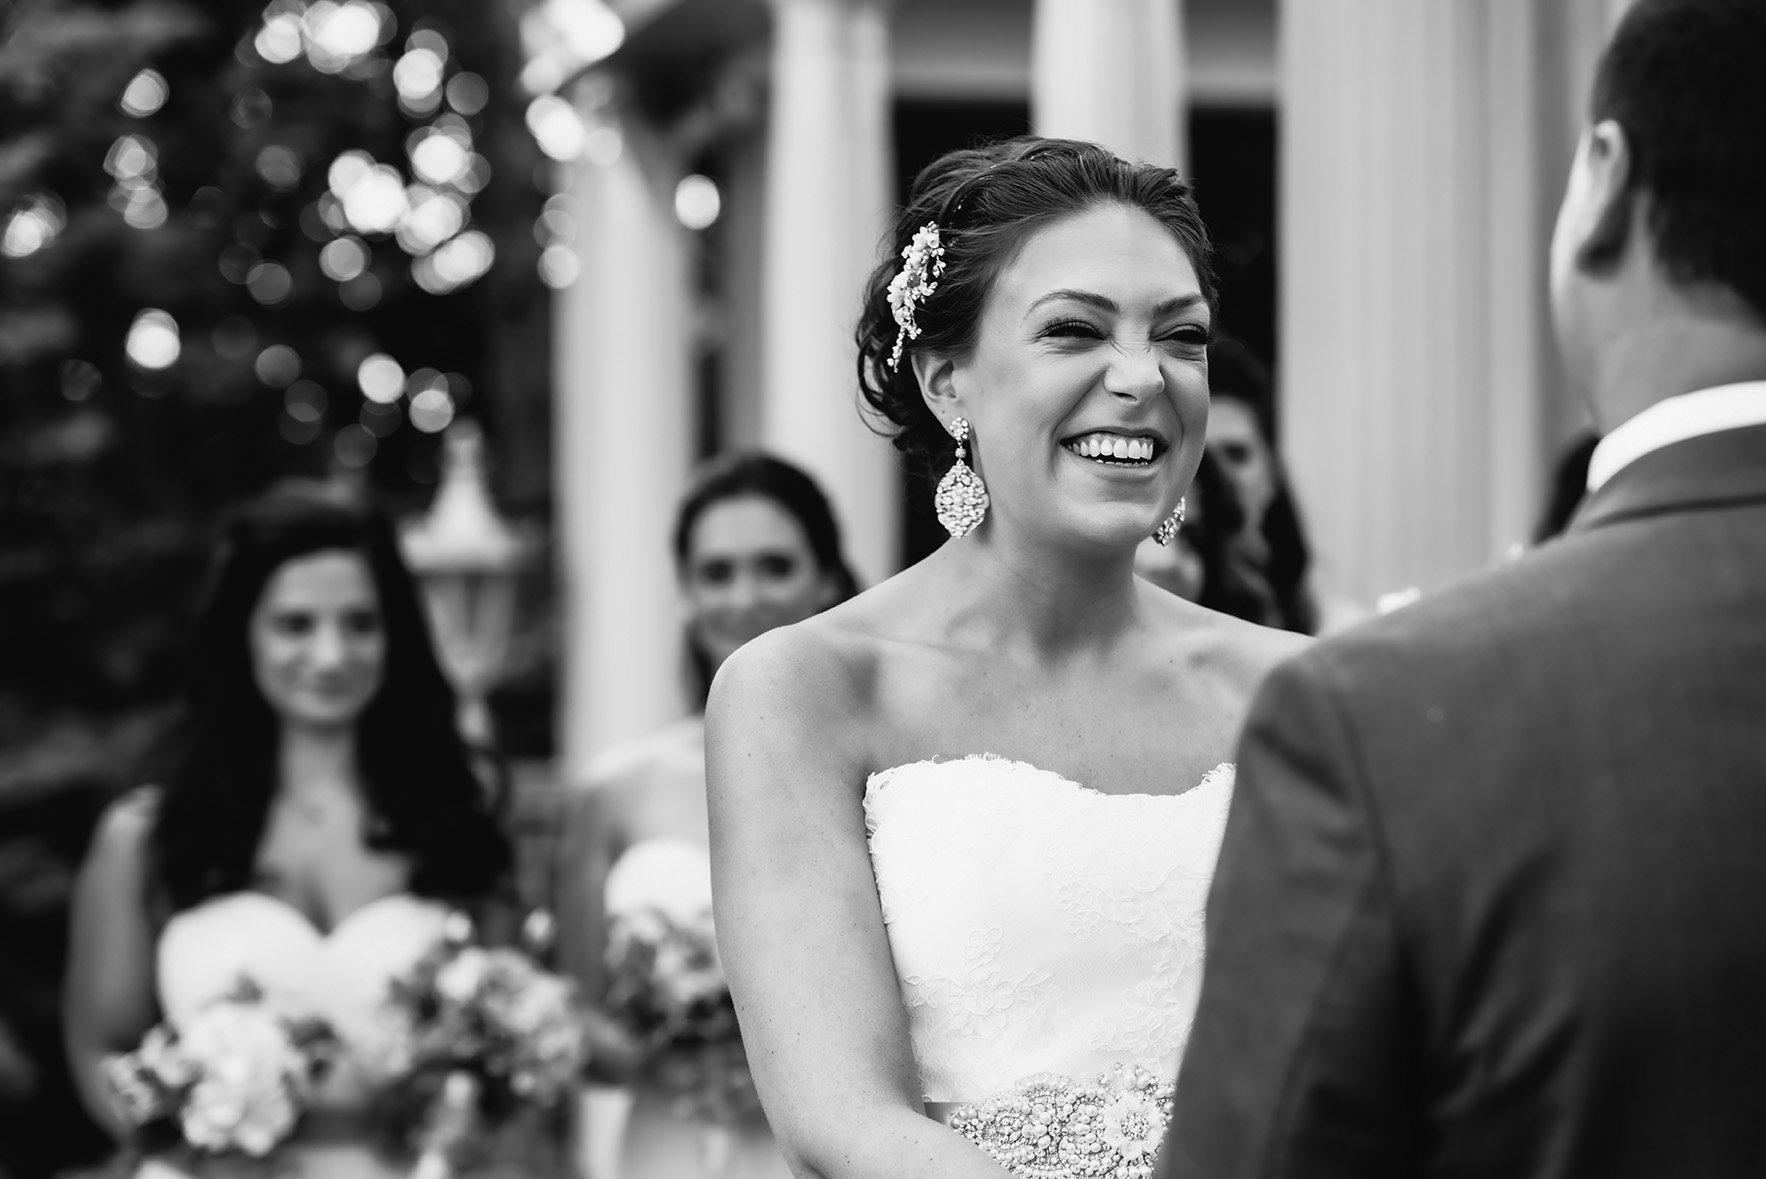 Wedding-Photography-the-Monor Wedding Moments